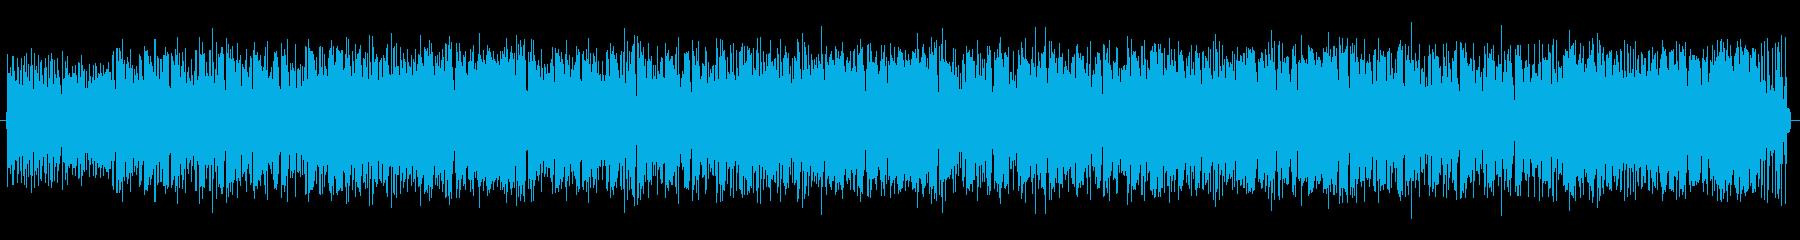 ほのぼのしたアコースティック曲の再生済みの波形